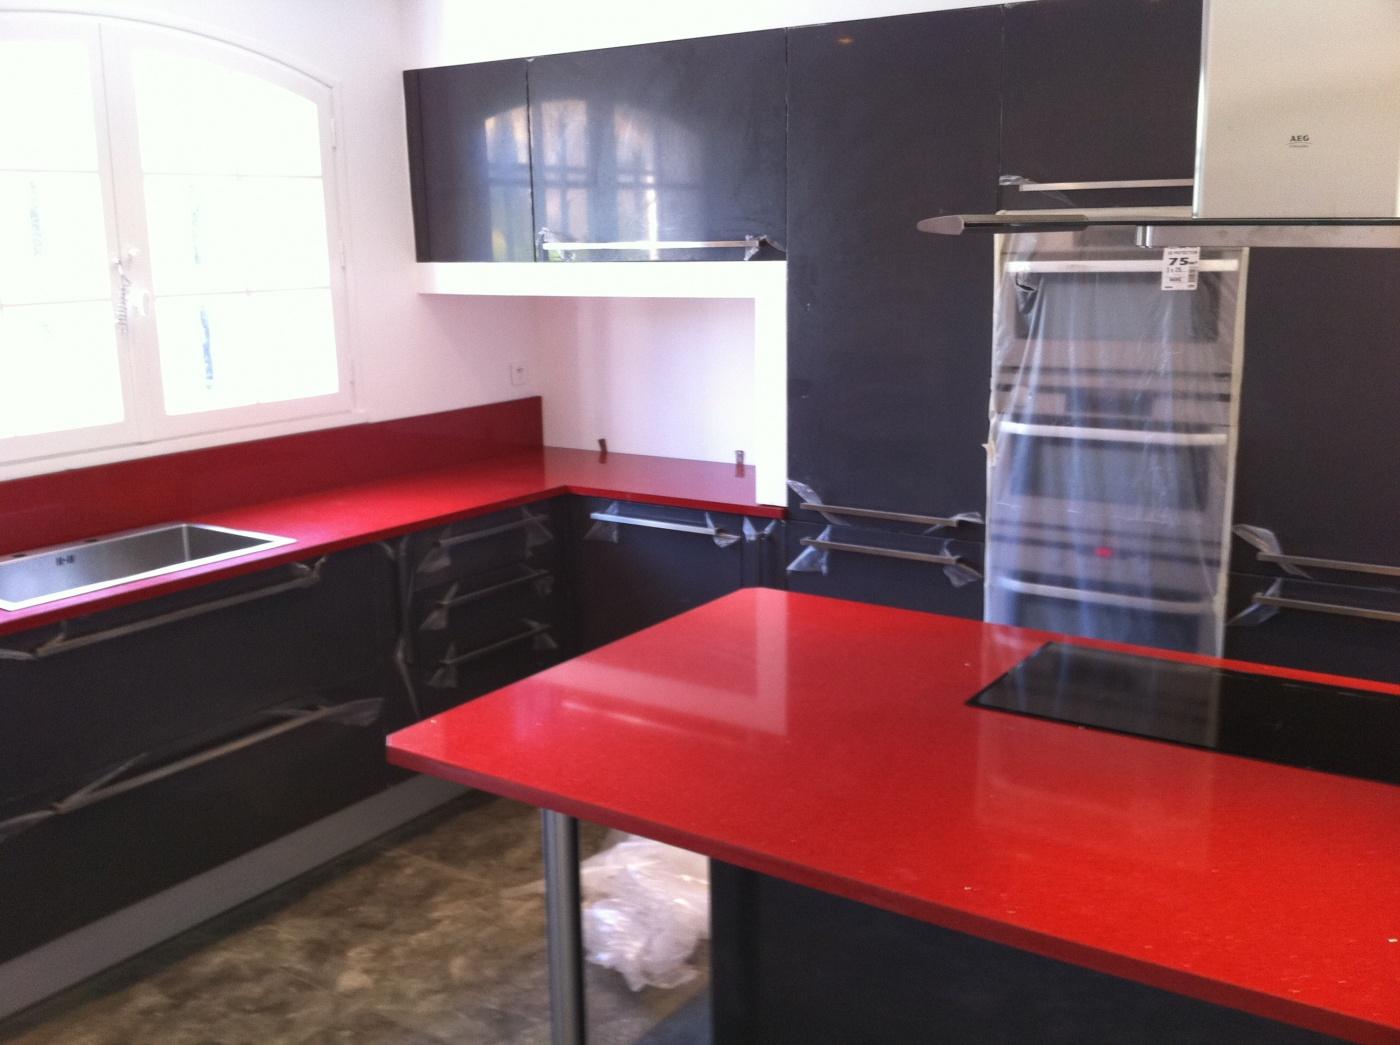 Plan de travail, crédences et ilôt central en Quart Rouge New Rubino. Projet réalisé à Ollioules (83) Cuisines BENEVENTI